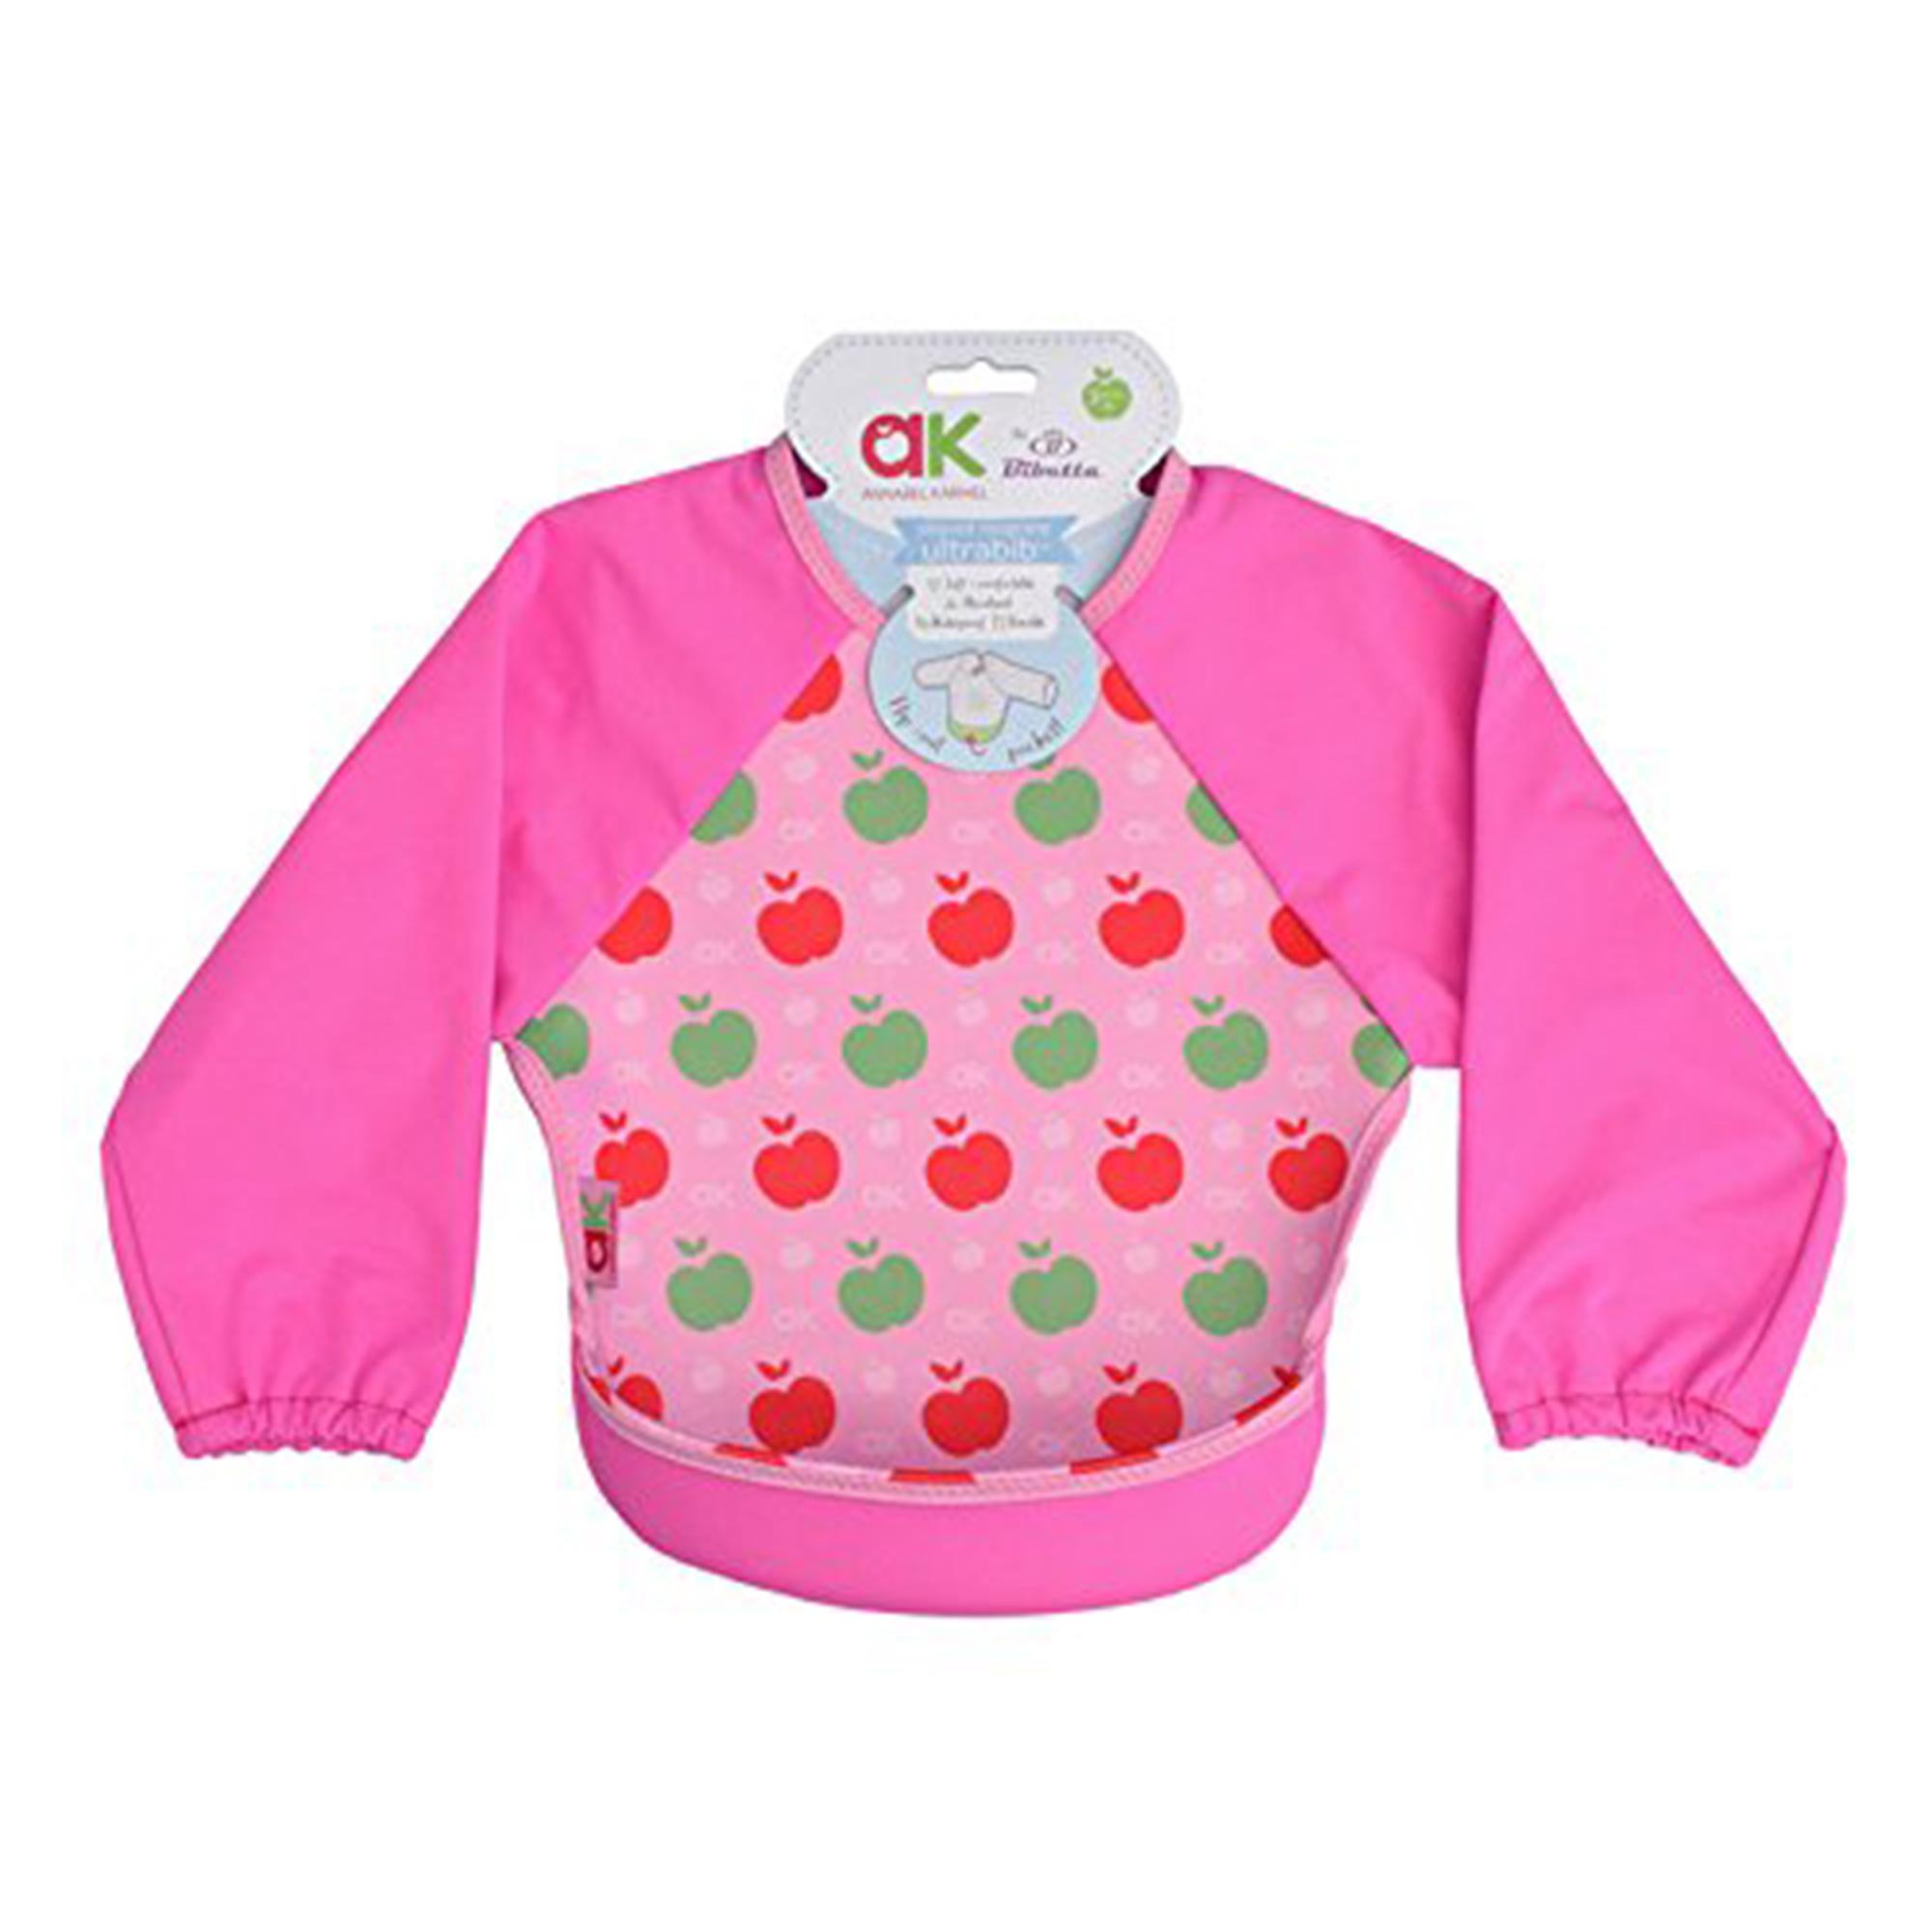 Baveta cu maneci Ultrabib, Annabel Karmel, Pink apples, 1 buc, 6 luni+